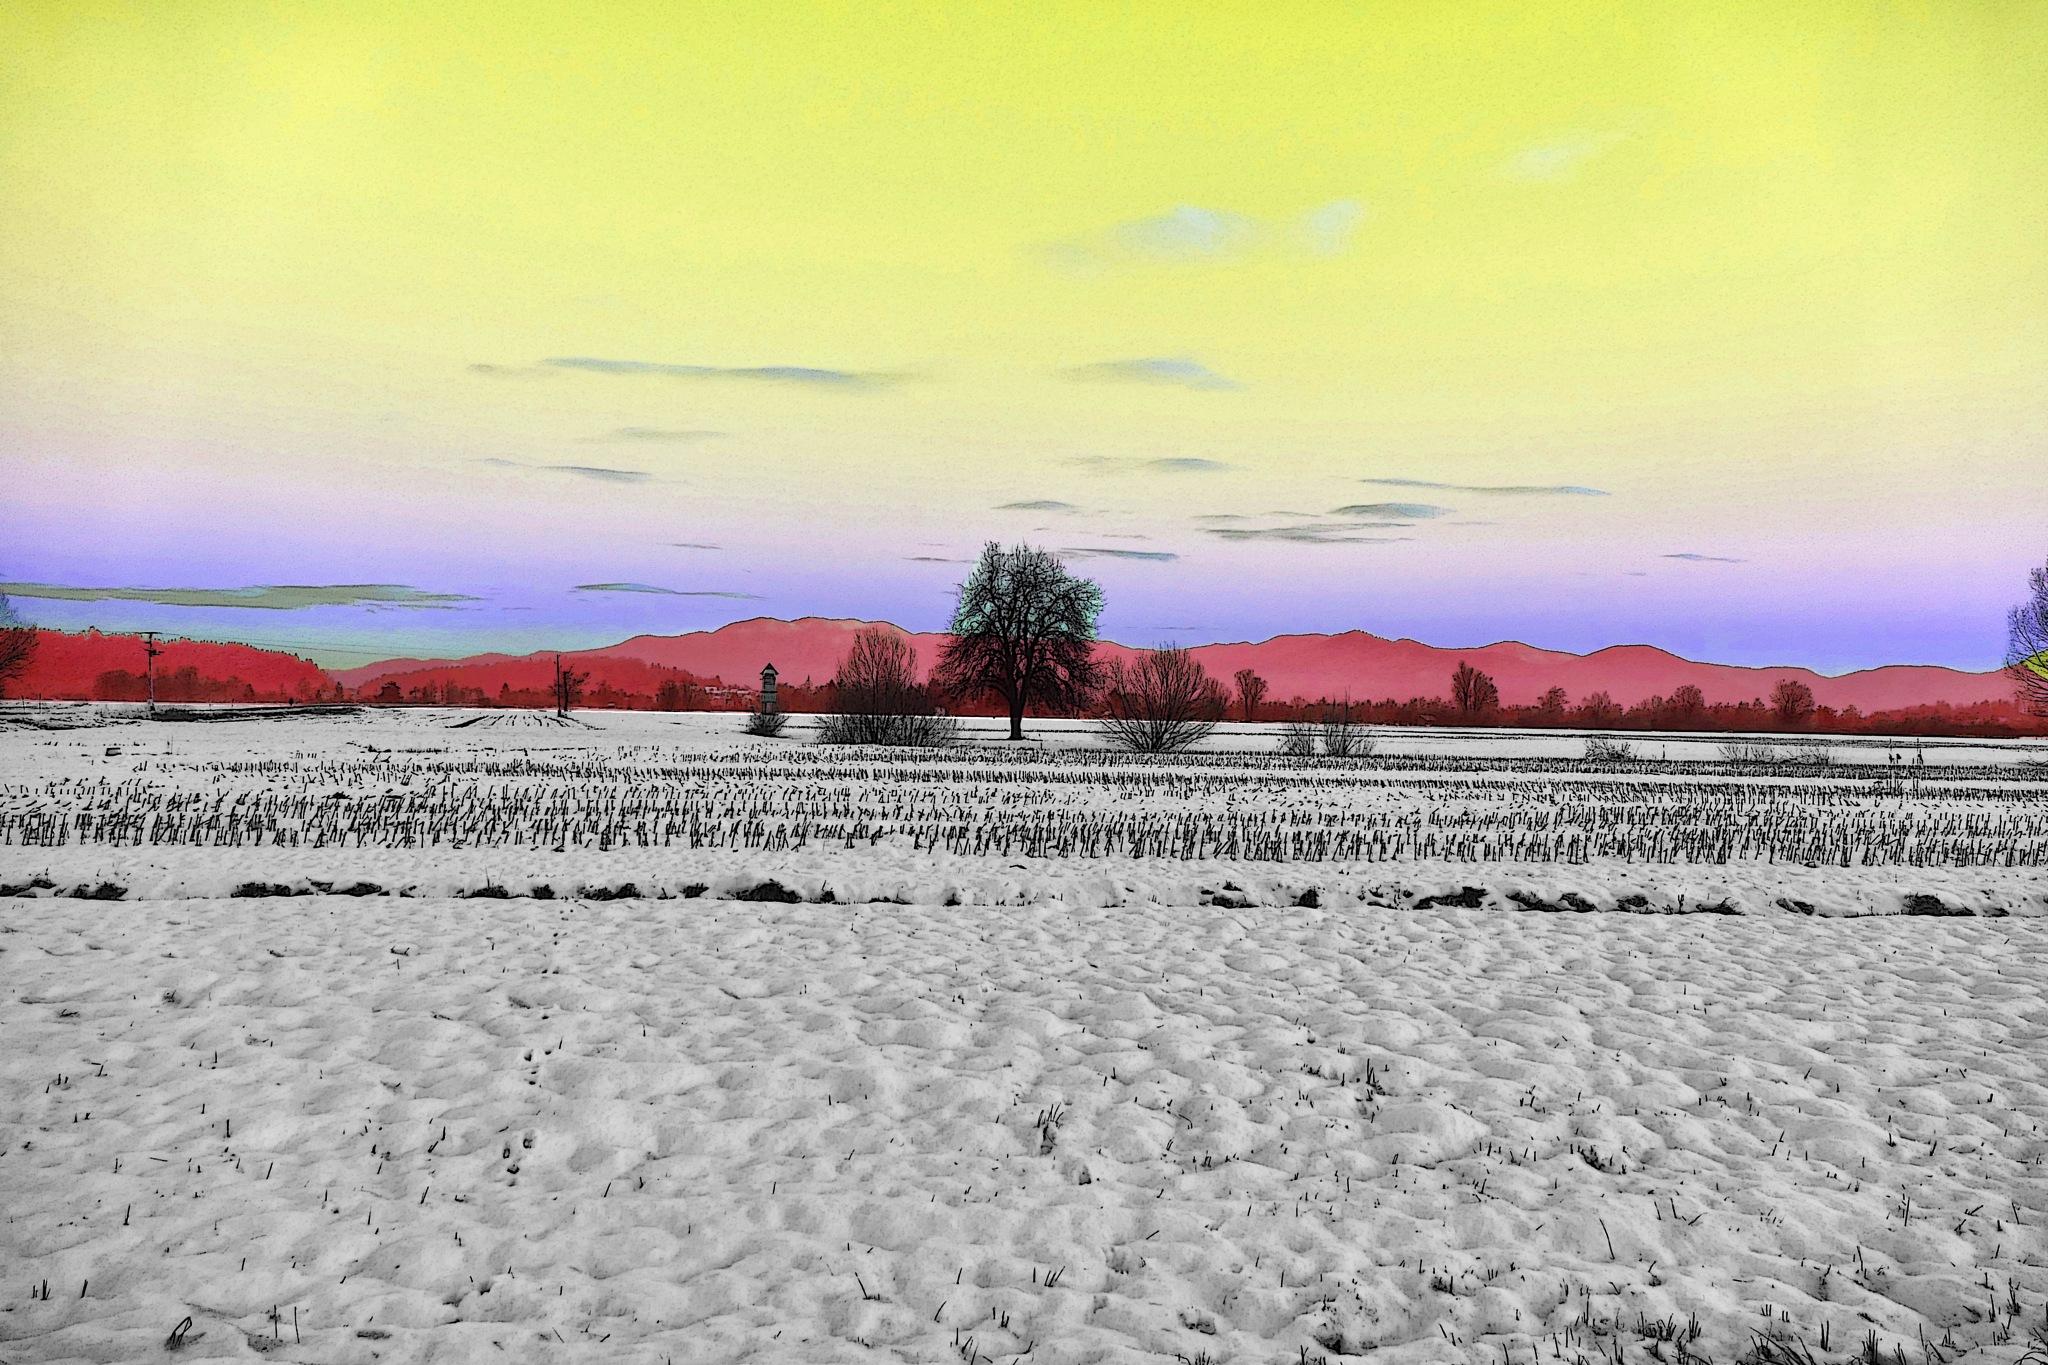 Abstract Landscape by sreten nakićenović